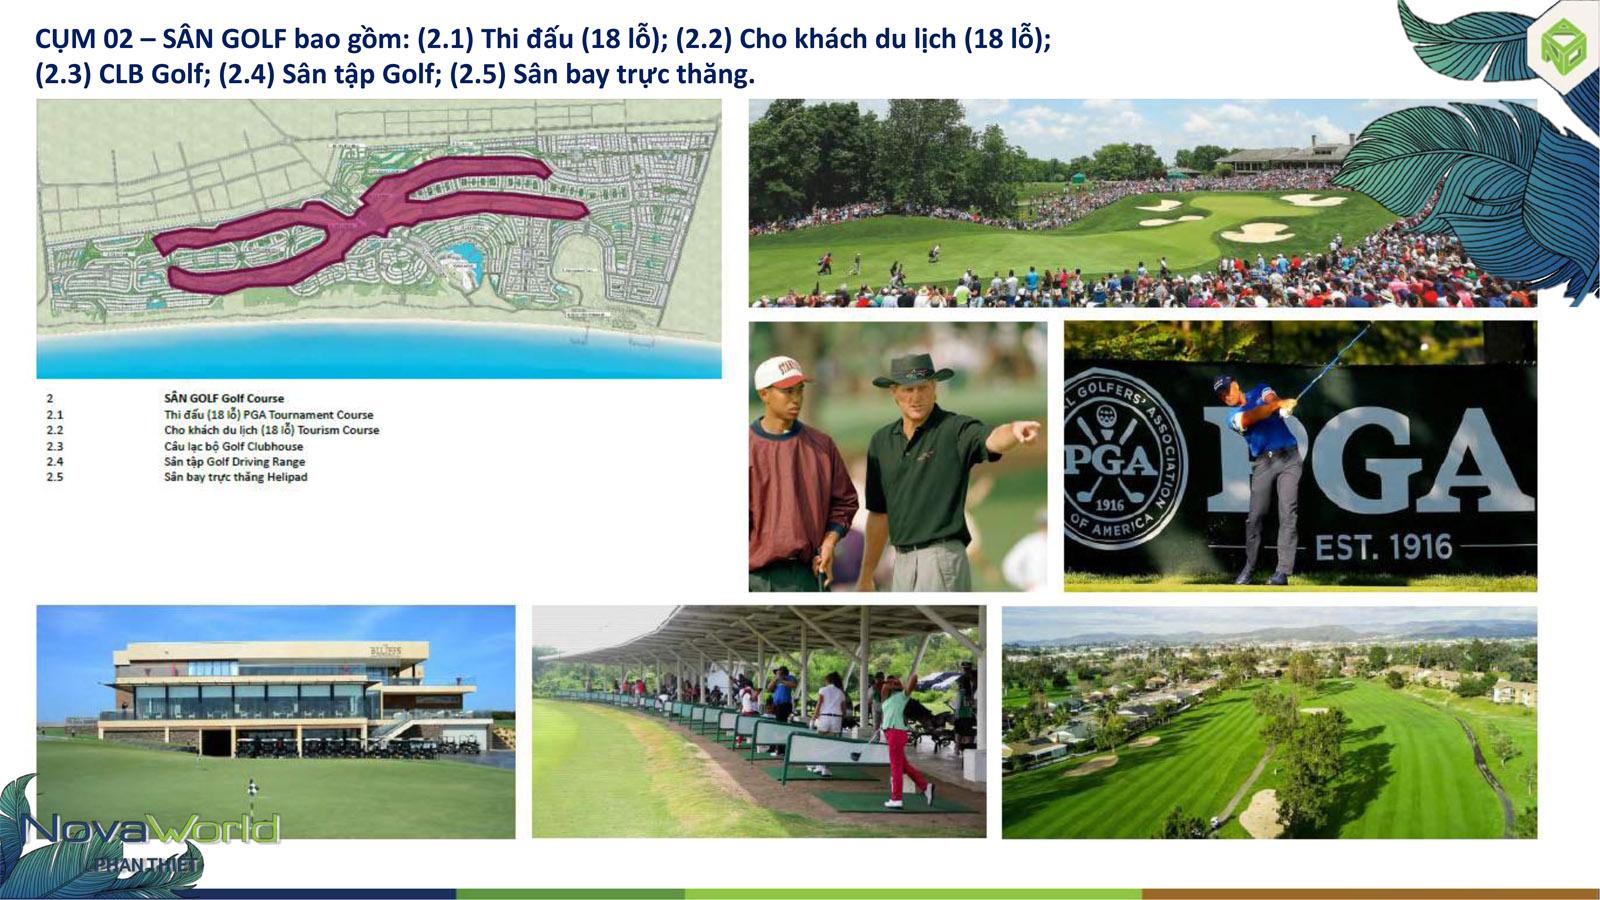 Cụm tiện ích sân Golf dự án NovaWorld Phan Thiết